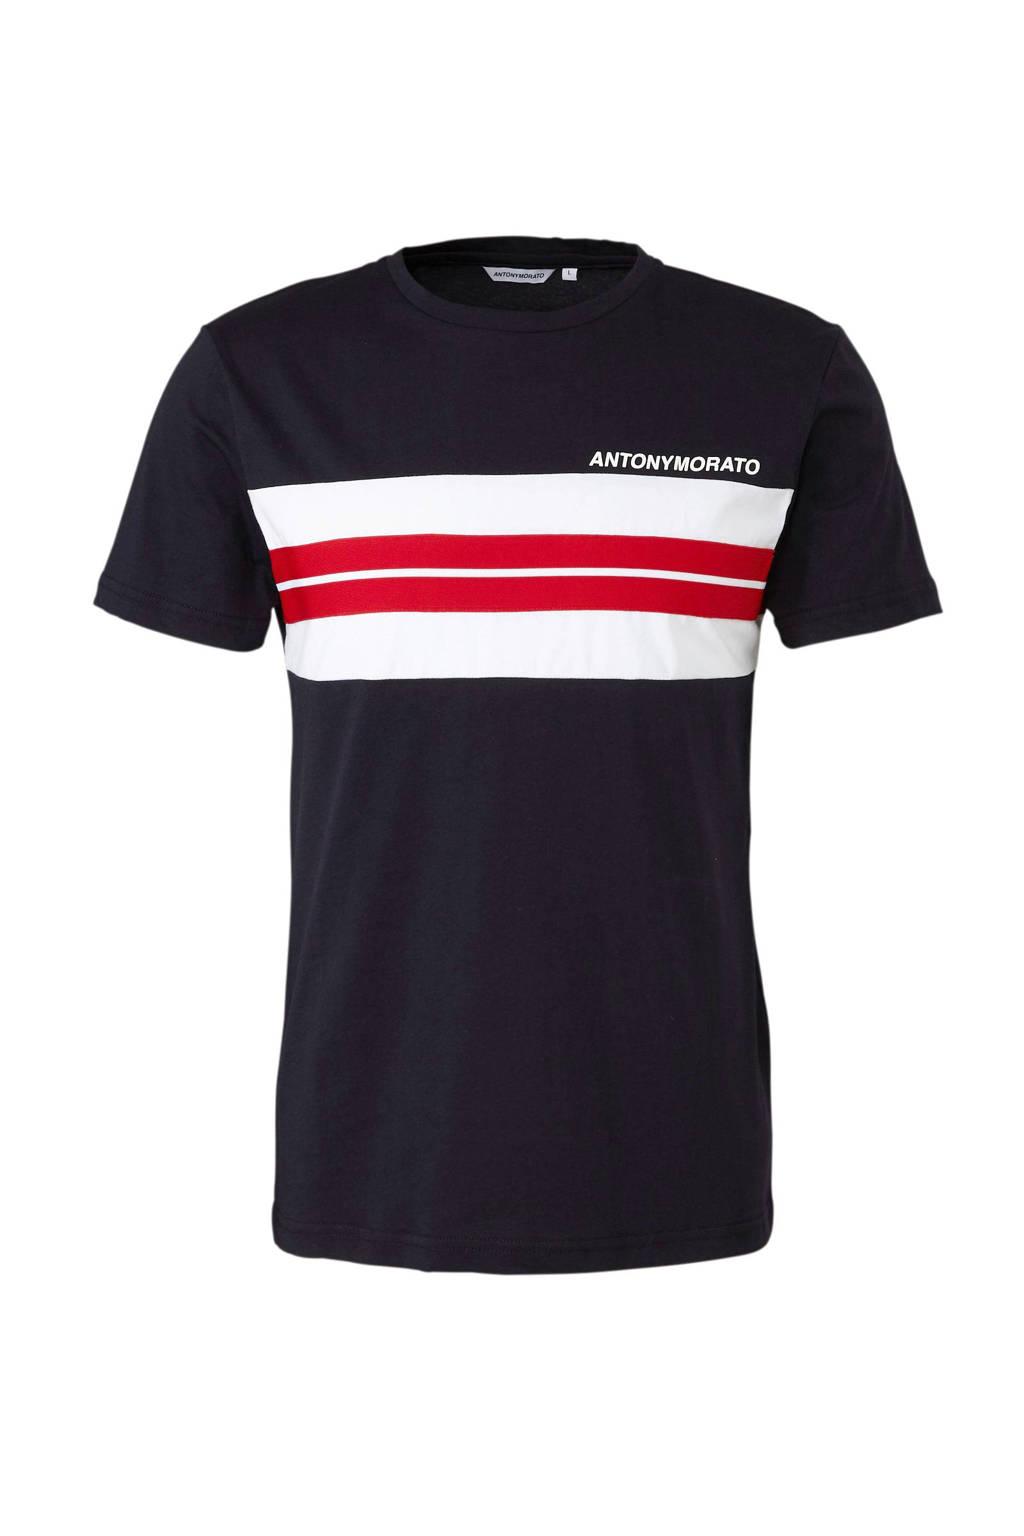 Antony Morato t-shirt, Marine